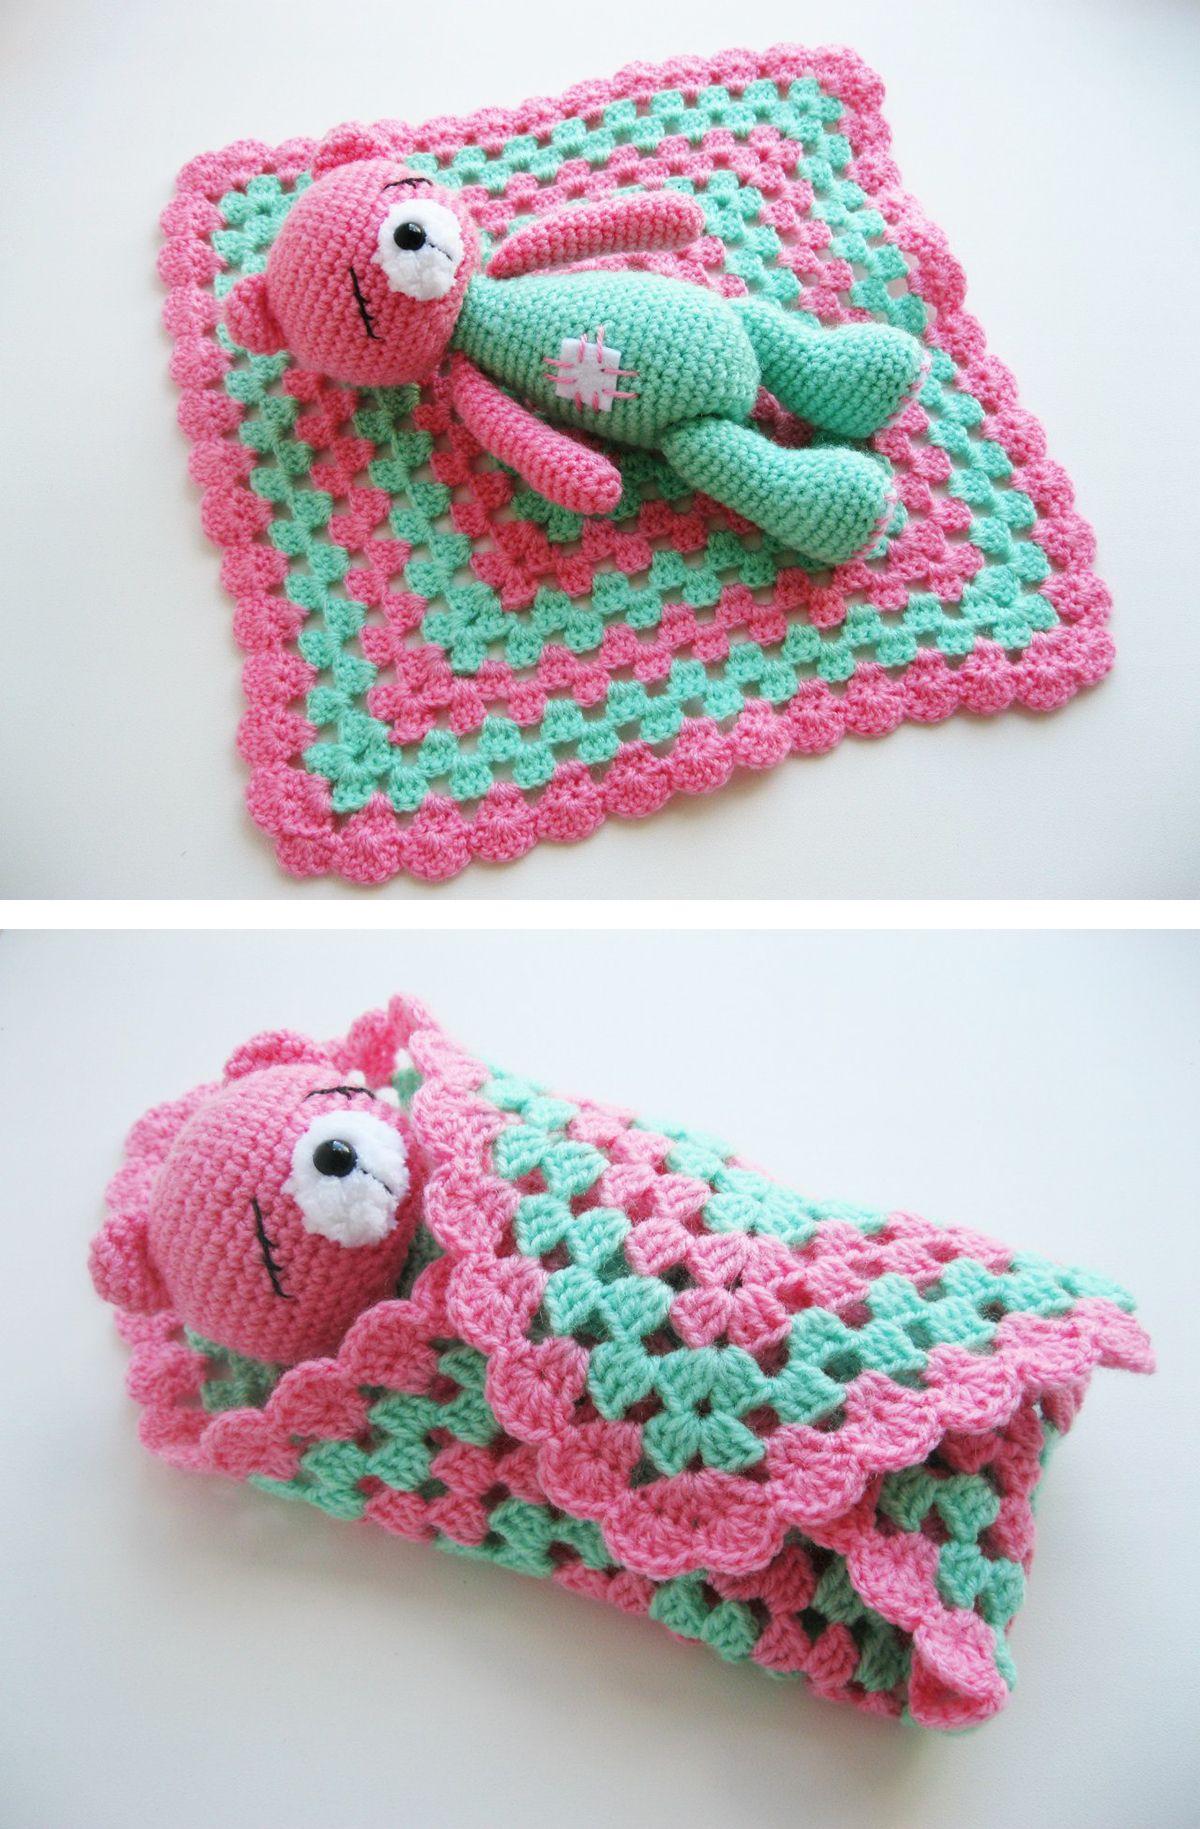 Amigurumi teddy bear brothers in sweaters - Amigurumi Today ... | 1829x1200